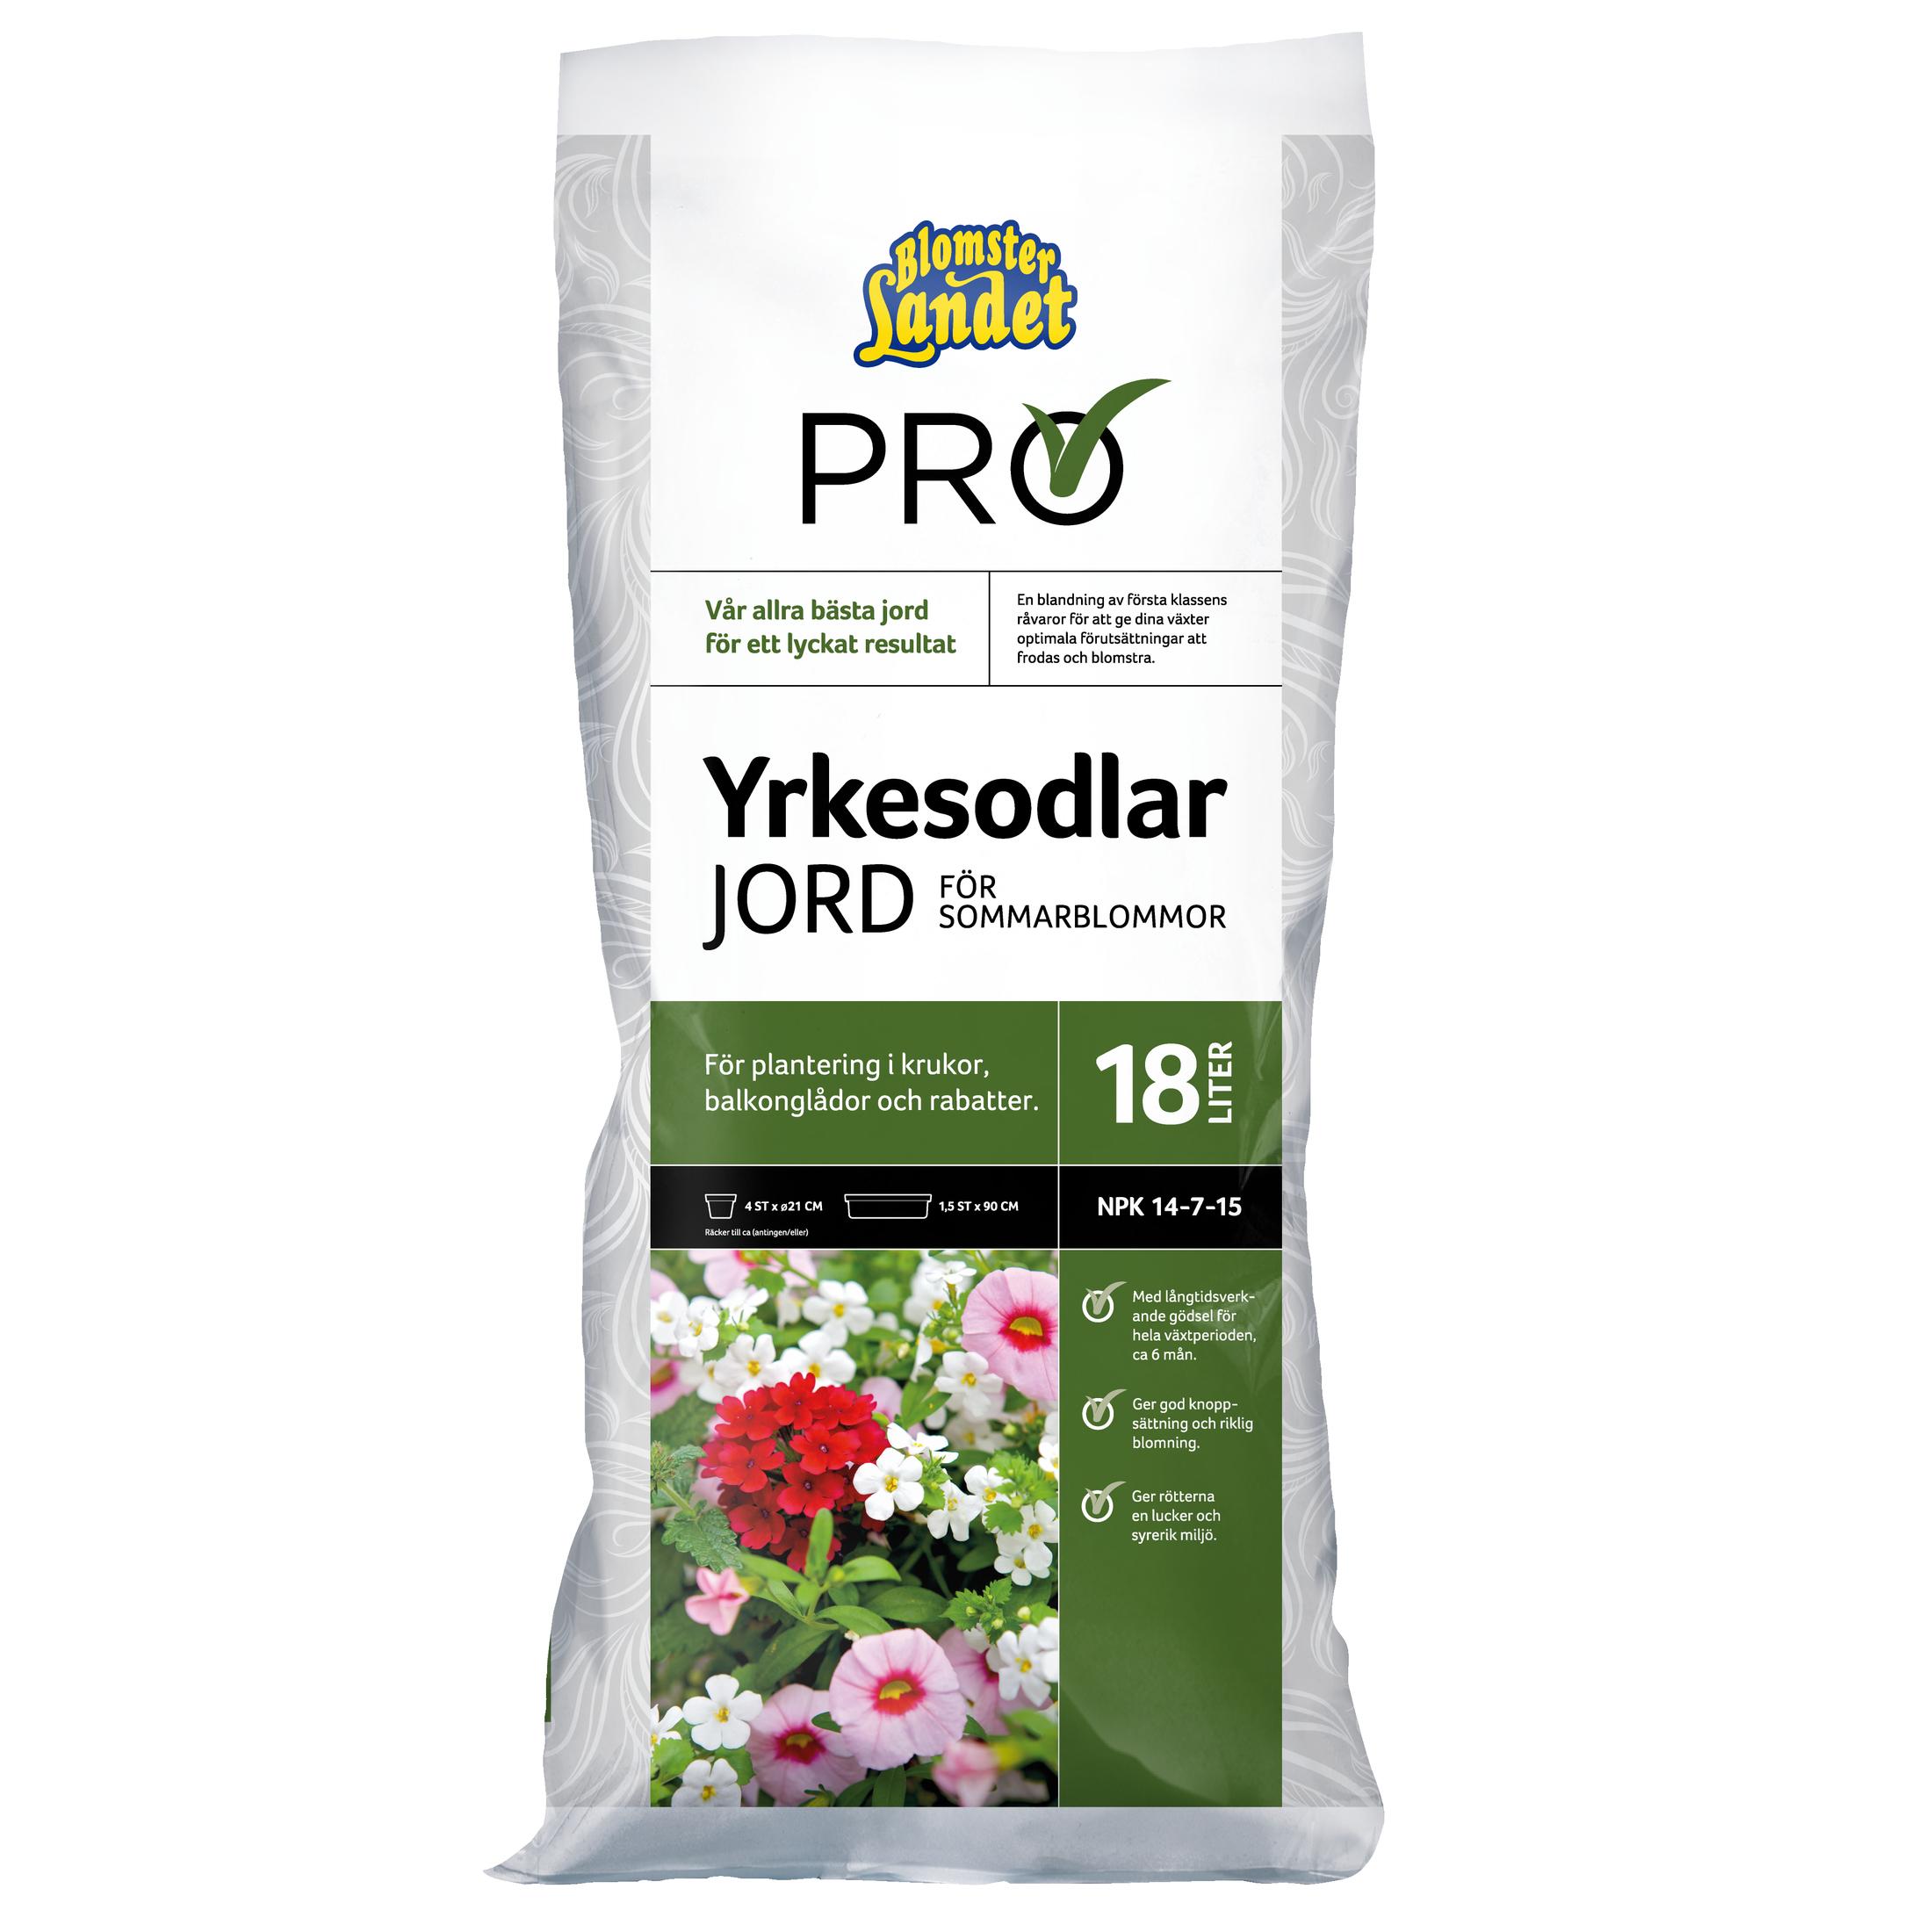 Produktbild på Yrkesodlarjord för sommarblommor Blomsterlandet PRO